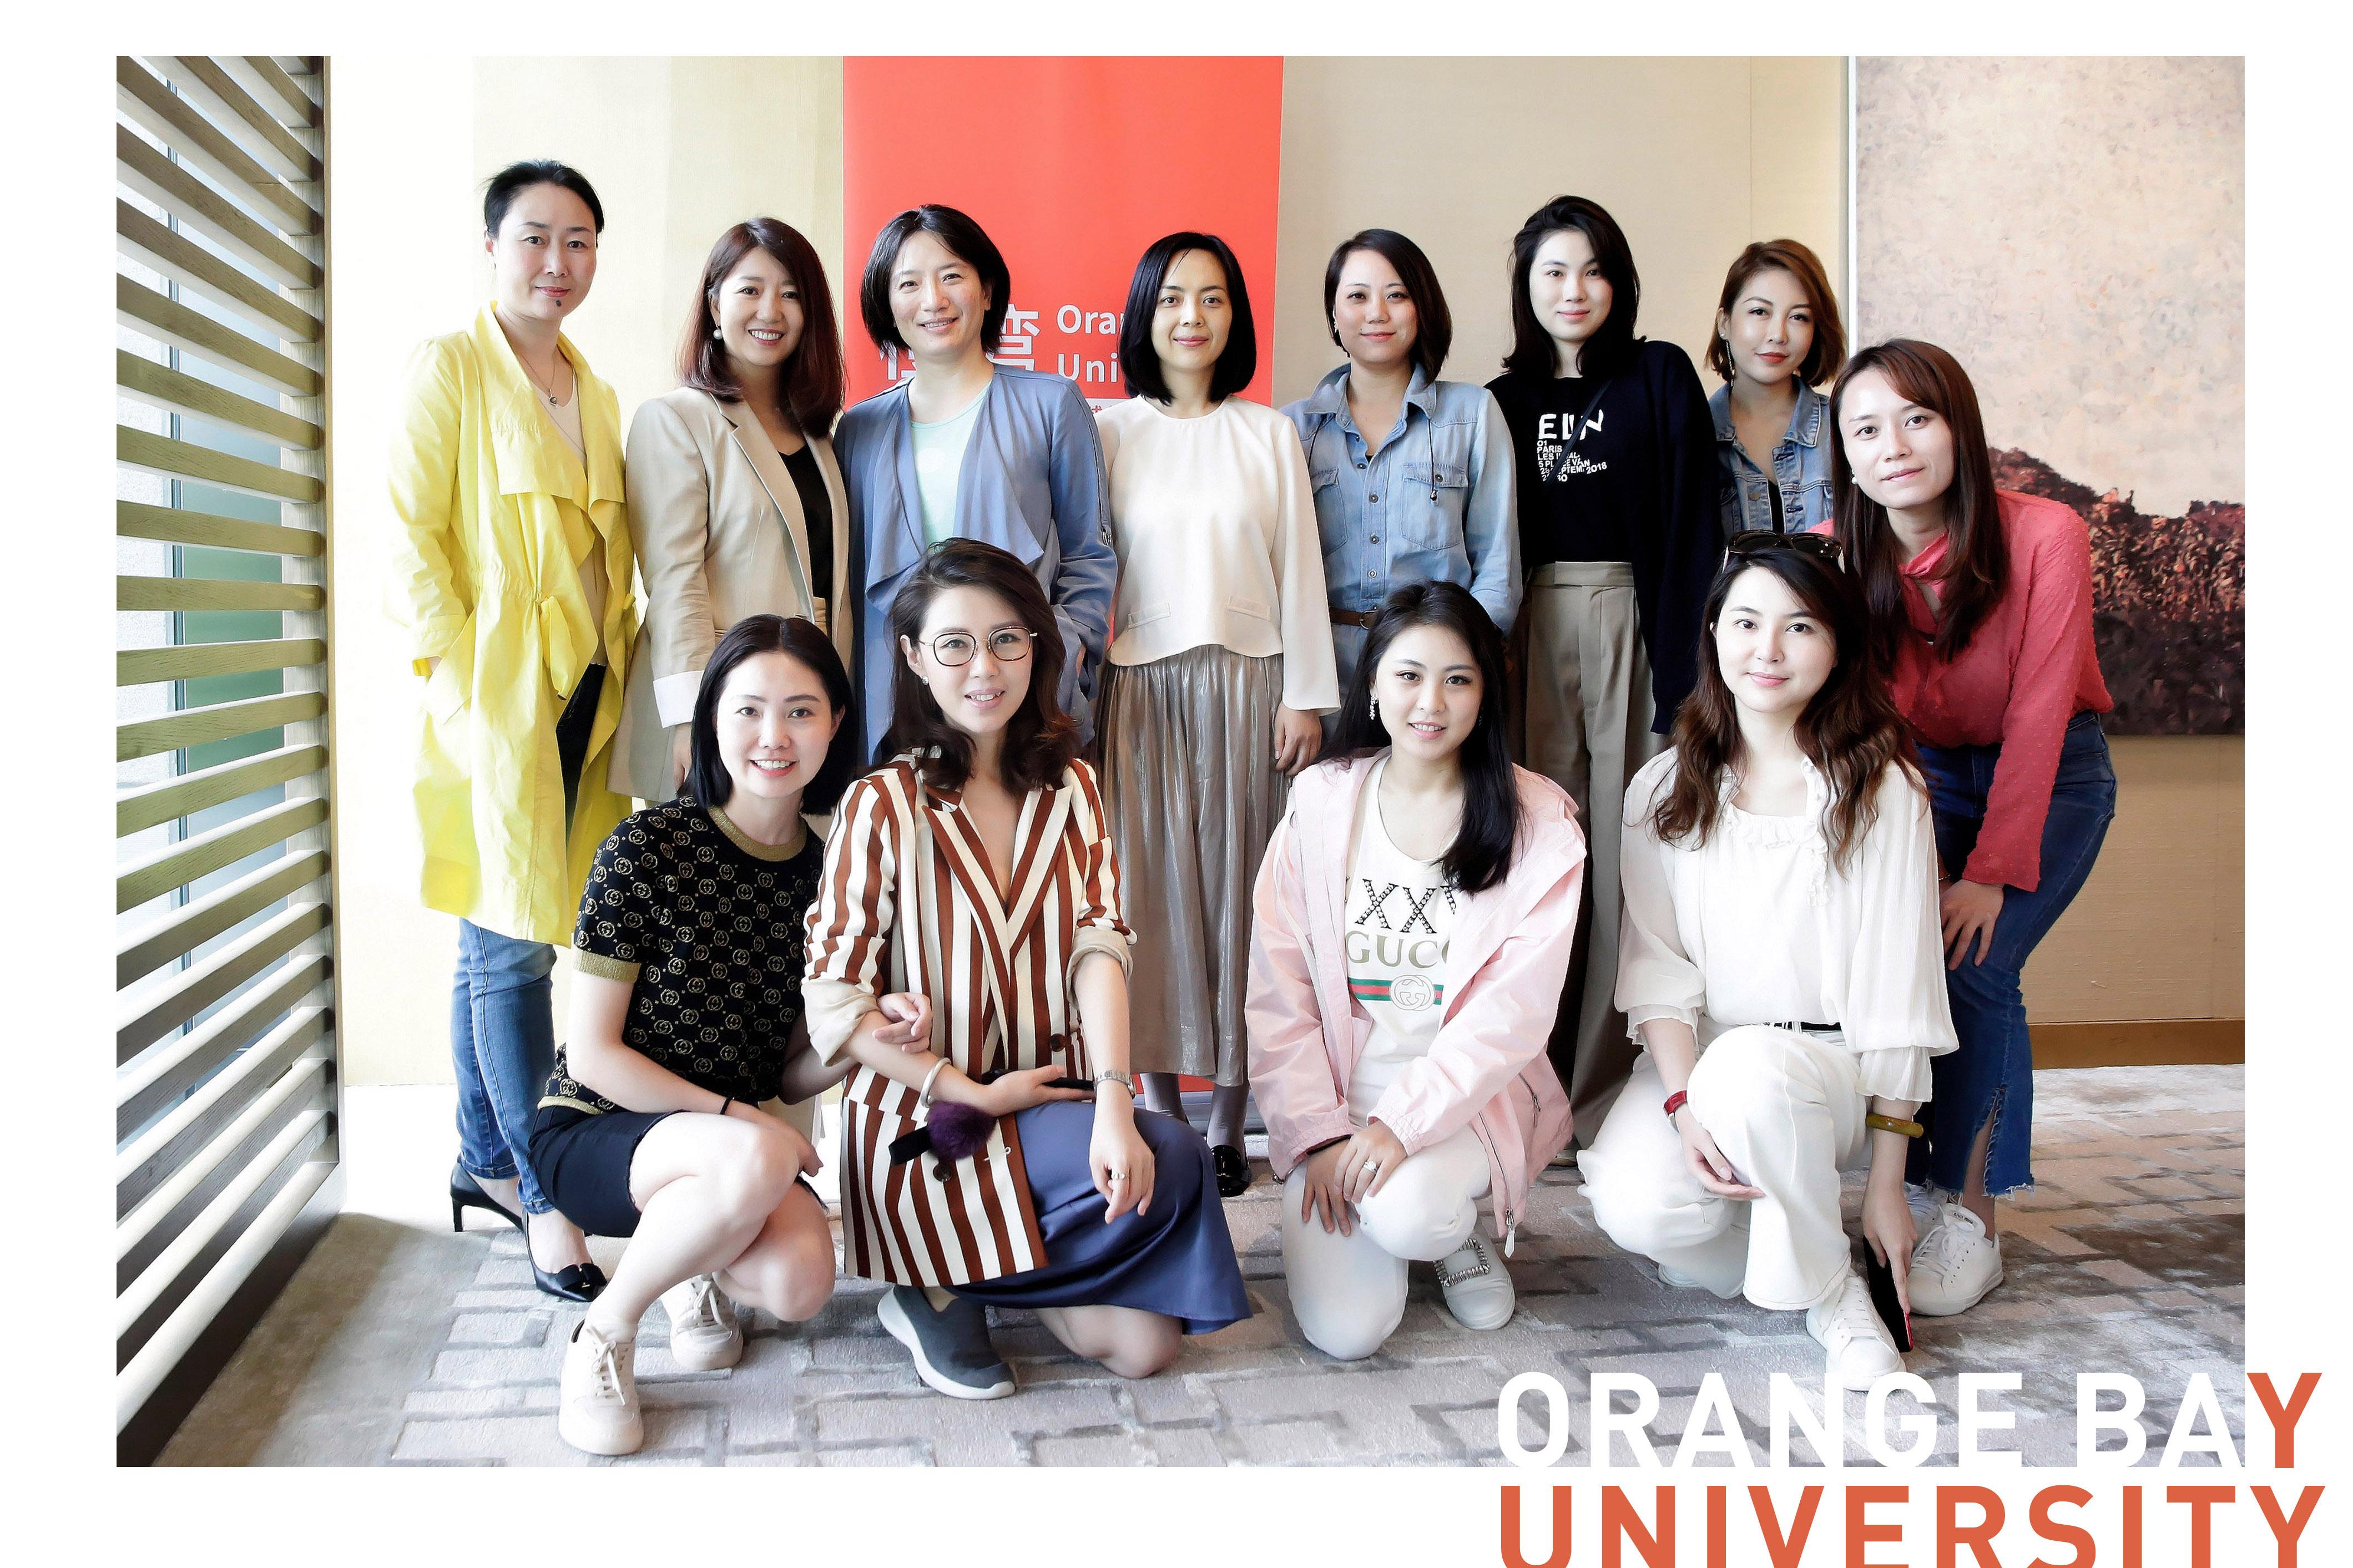 橙湾大学2019年5月北京课堂图文回顾